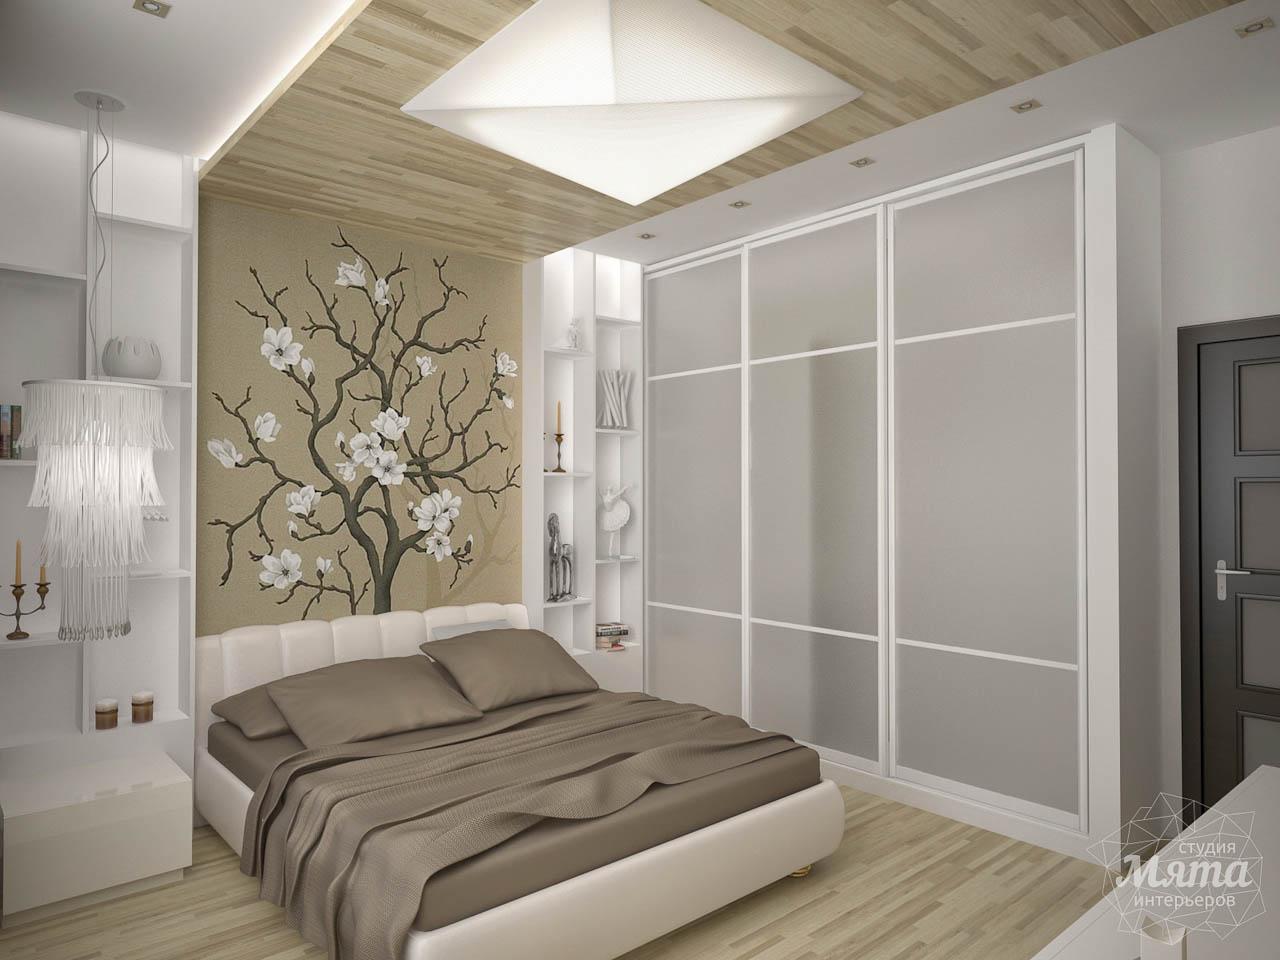 Дизайн интерьера трехкомнатной квартиры по ул. Папанина 18 img1629452990